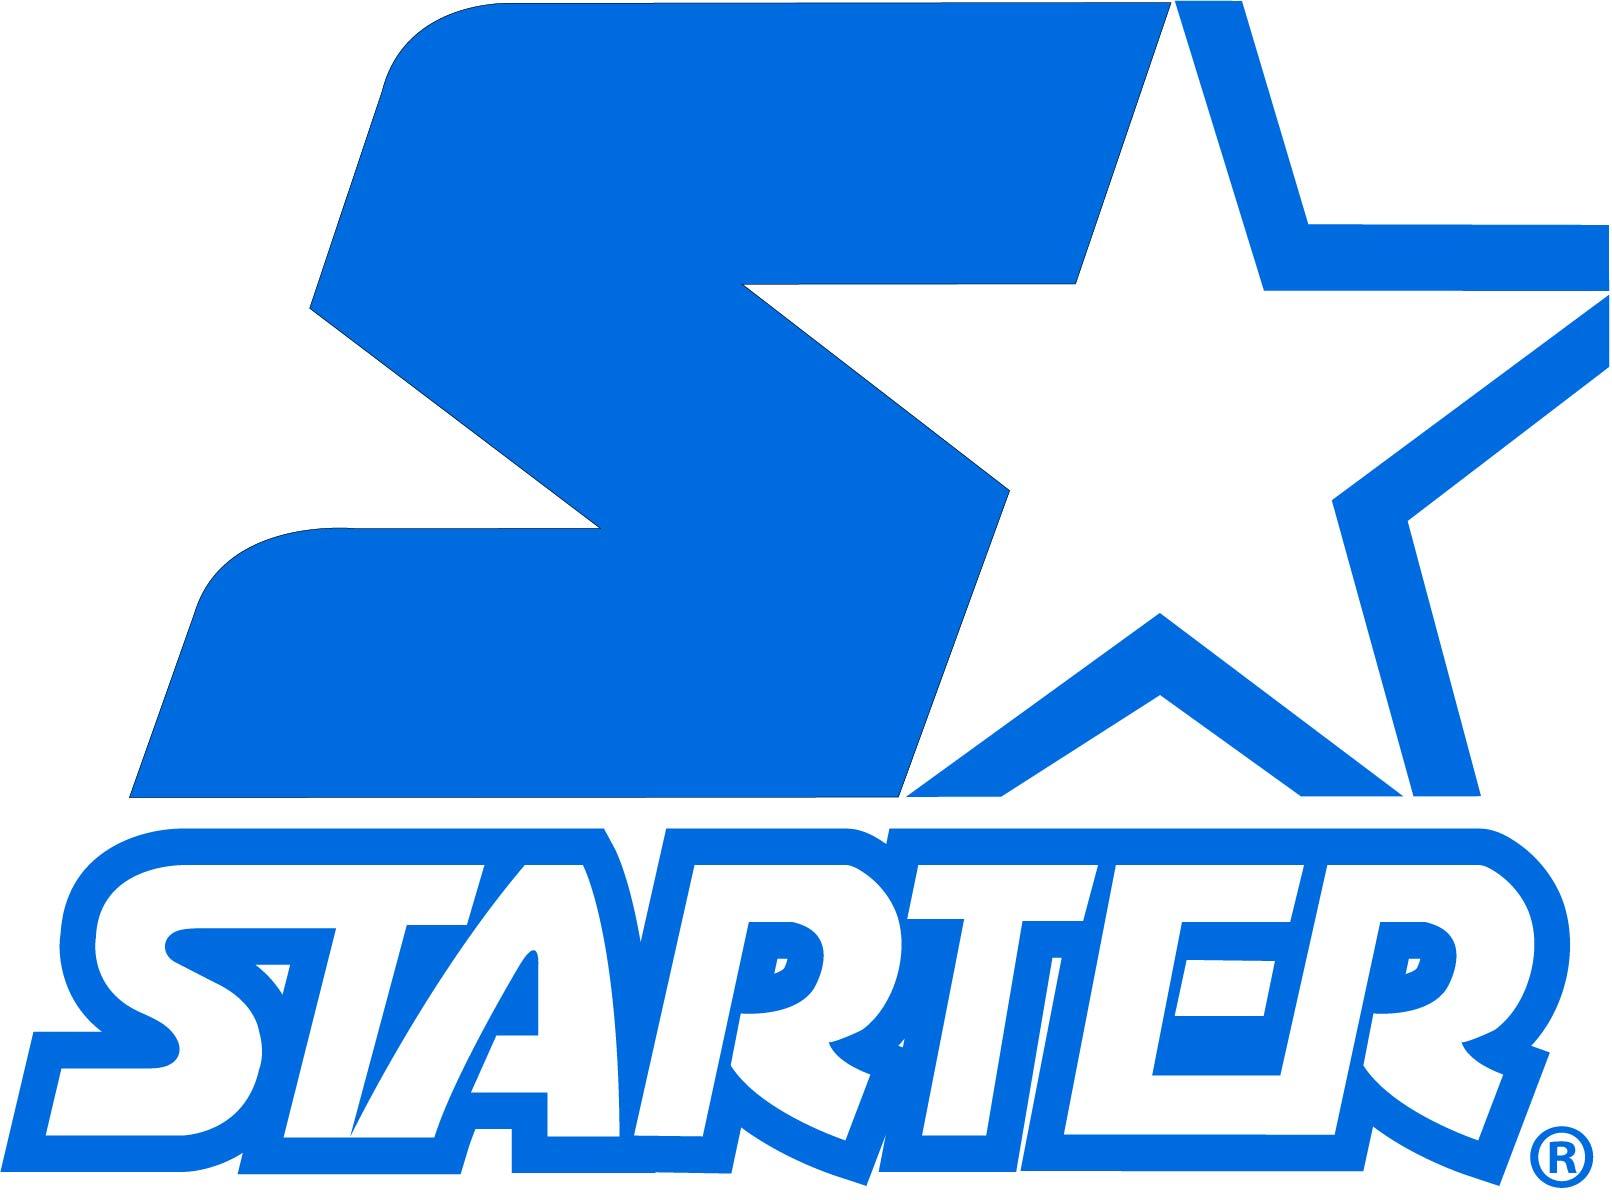 starter logo@2x-50.jpg